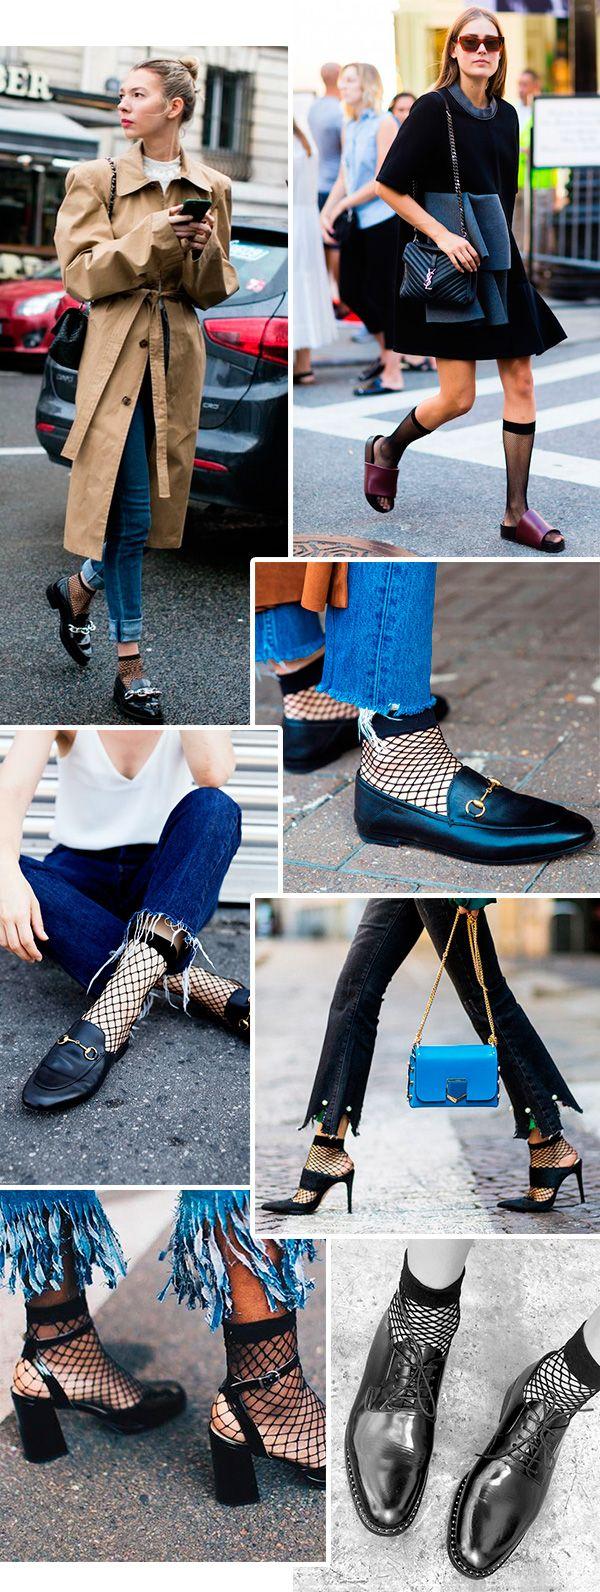 meias fishnet (meia arrastão) estão em alta no street style